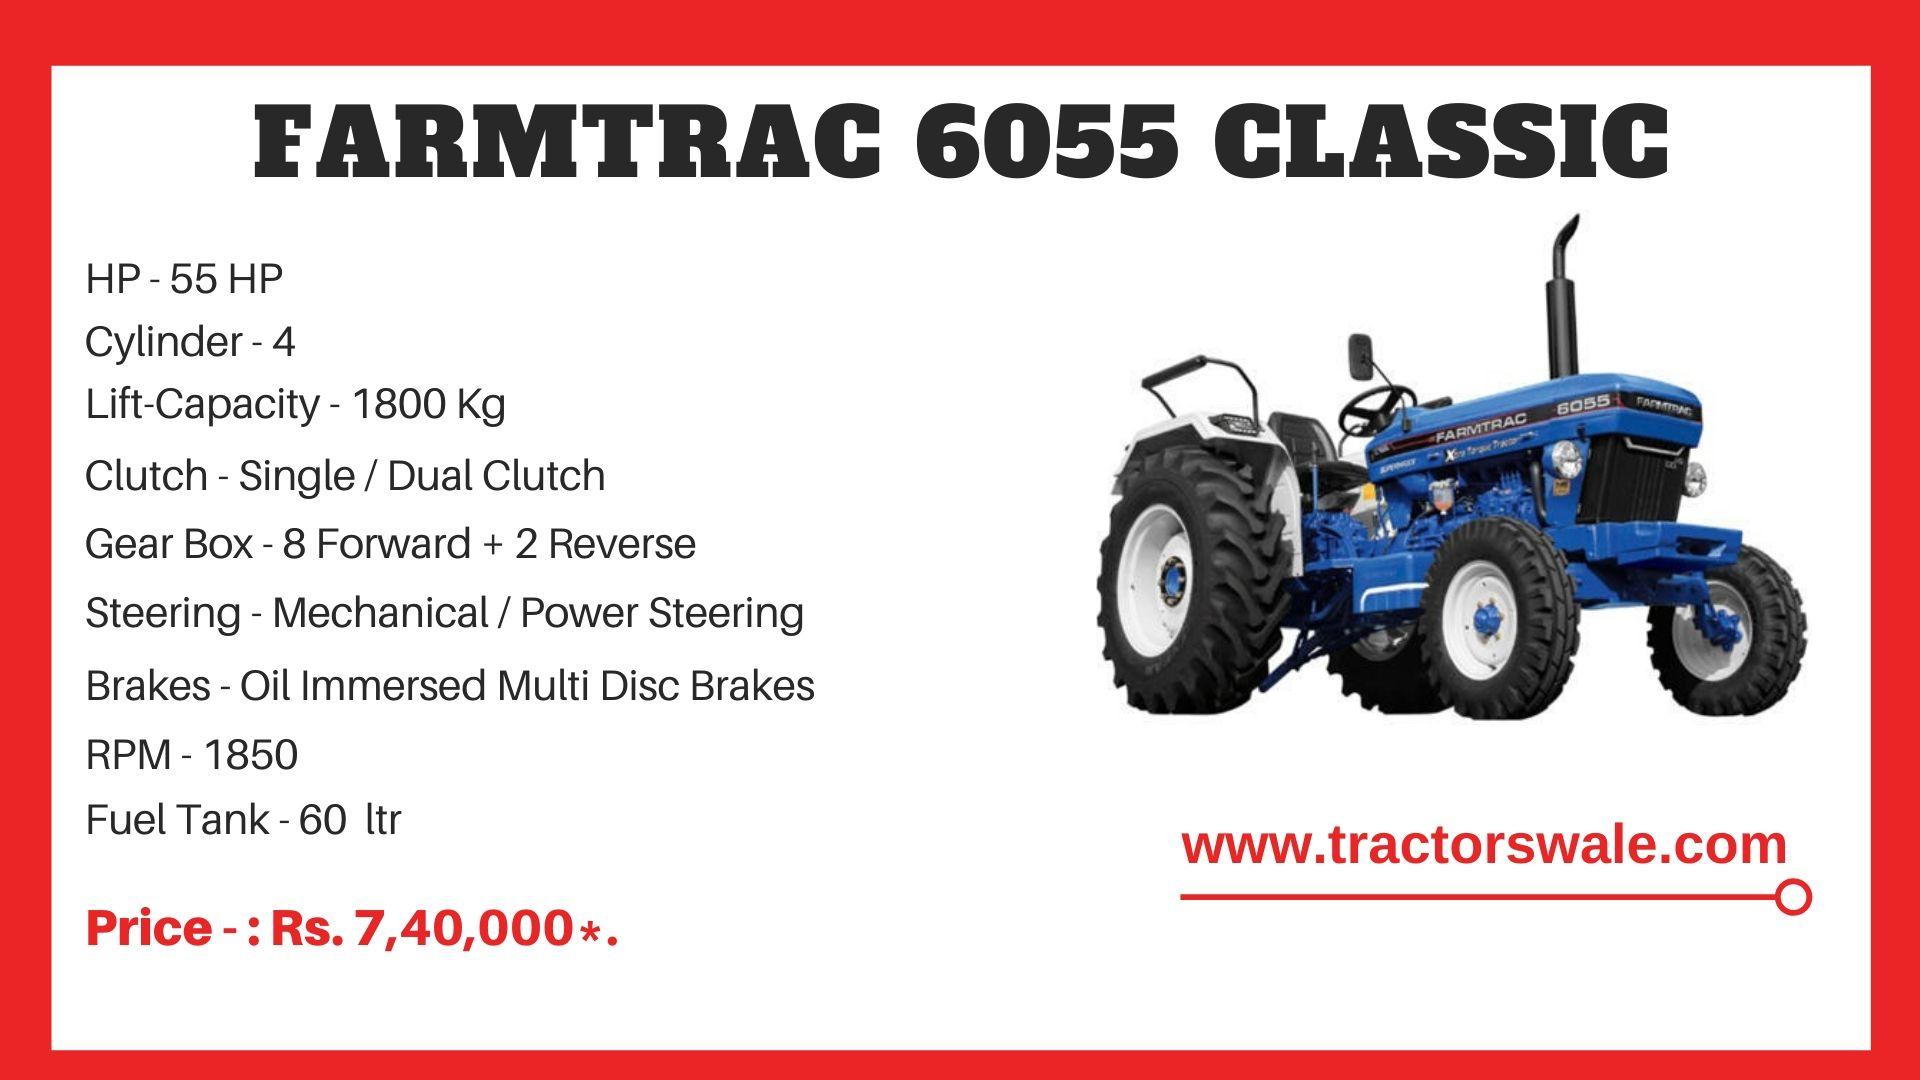 Farmtrac 6055 Classic tractor price